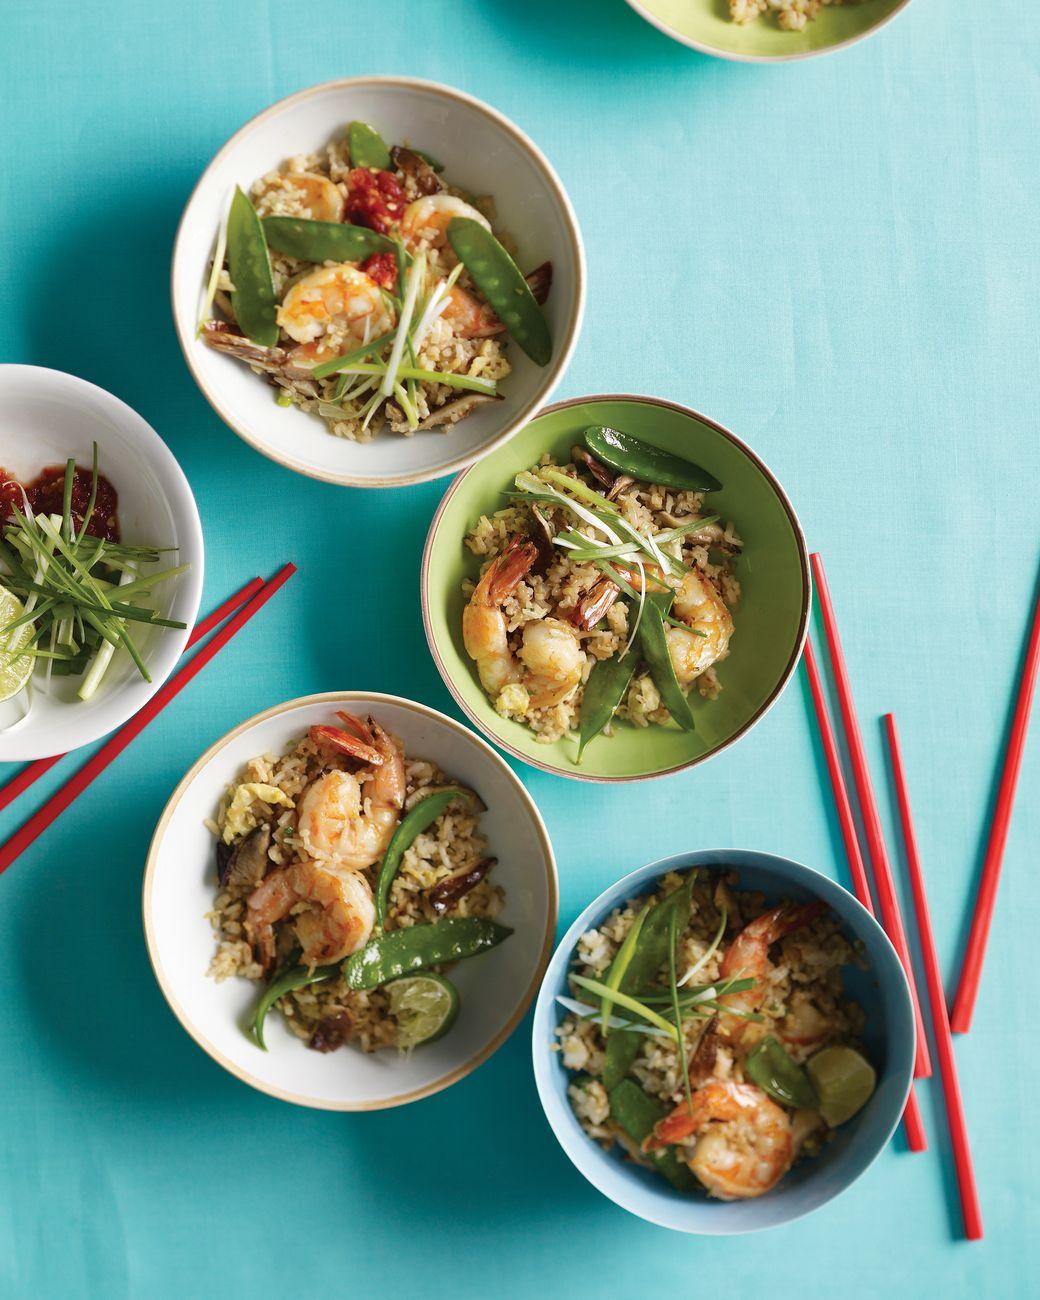 Shrimp Fried Rice with Snow Peas | Recipe | Jasmine rice, White rice ...